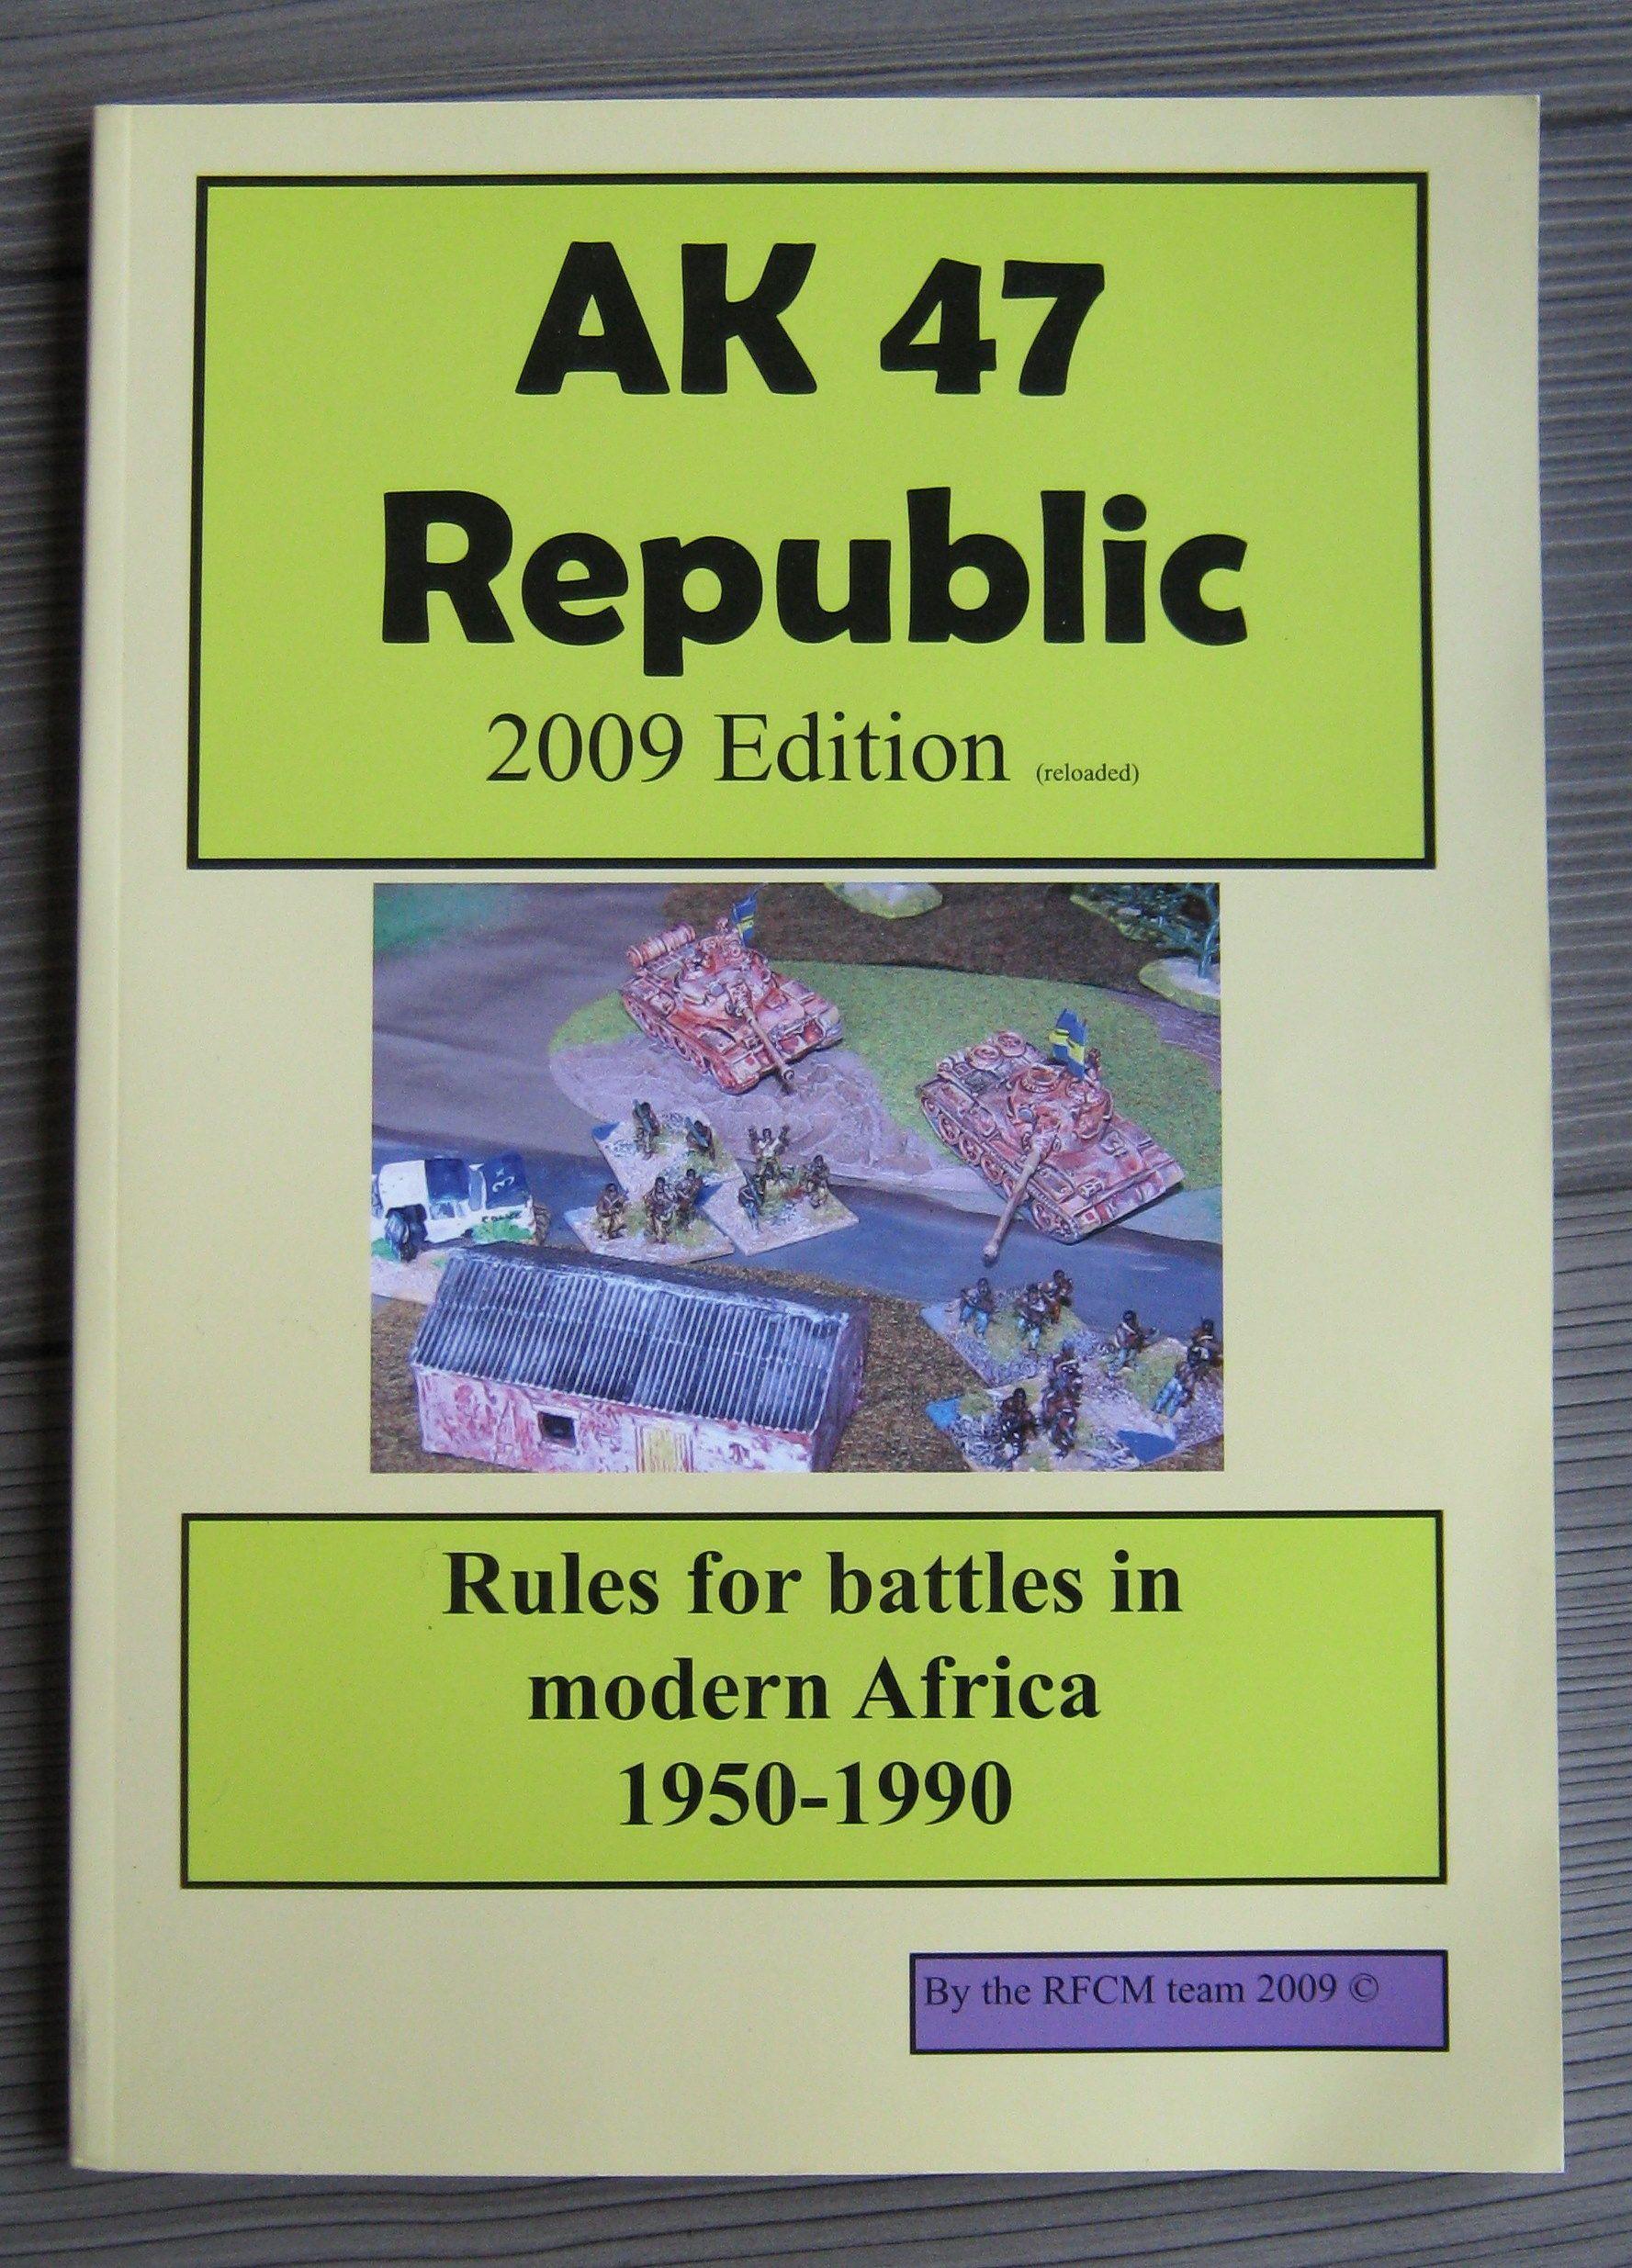 AK47 Republic